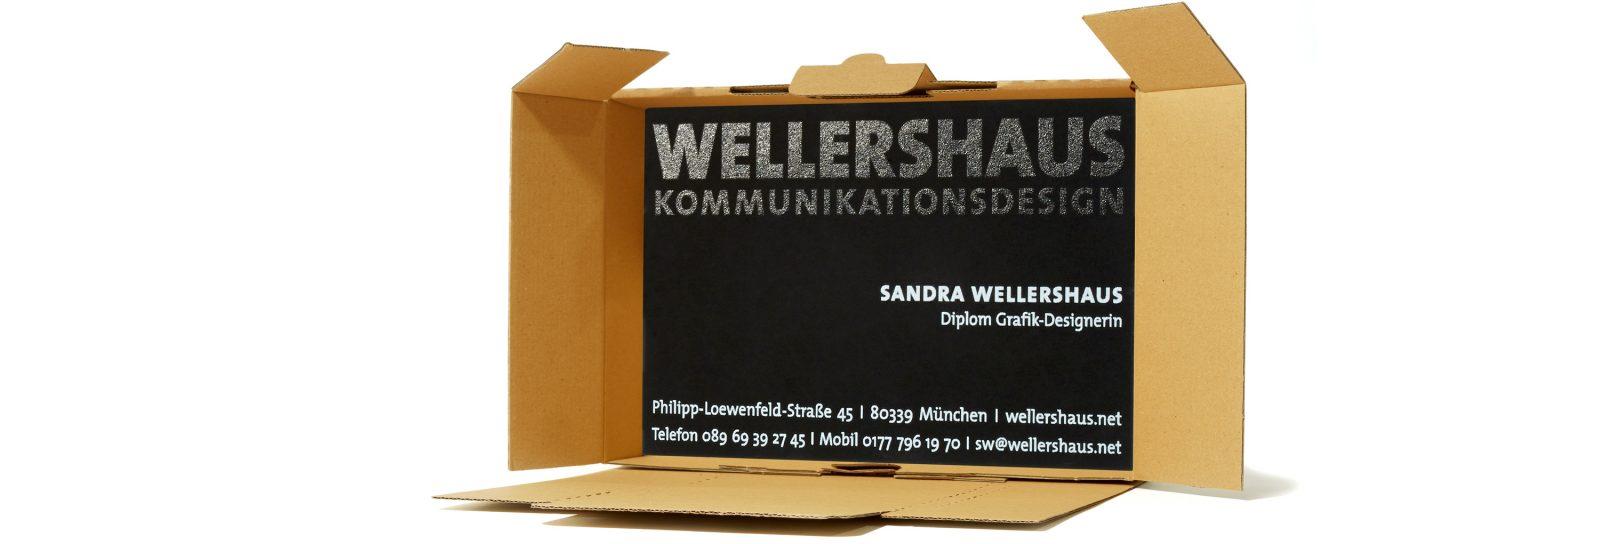 Sie wollen mehr wissen über meine Angebote? So erreichen Sie mich: Sandra Wellershaus Philipp-Loewenfeld-Straße 45 80339 München Telefon: 089 69 39 27 45 E-Mail: kontakt@wellershaus.net